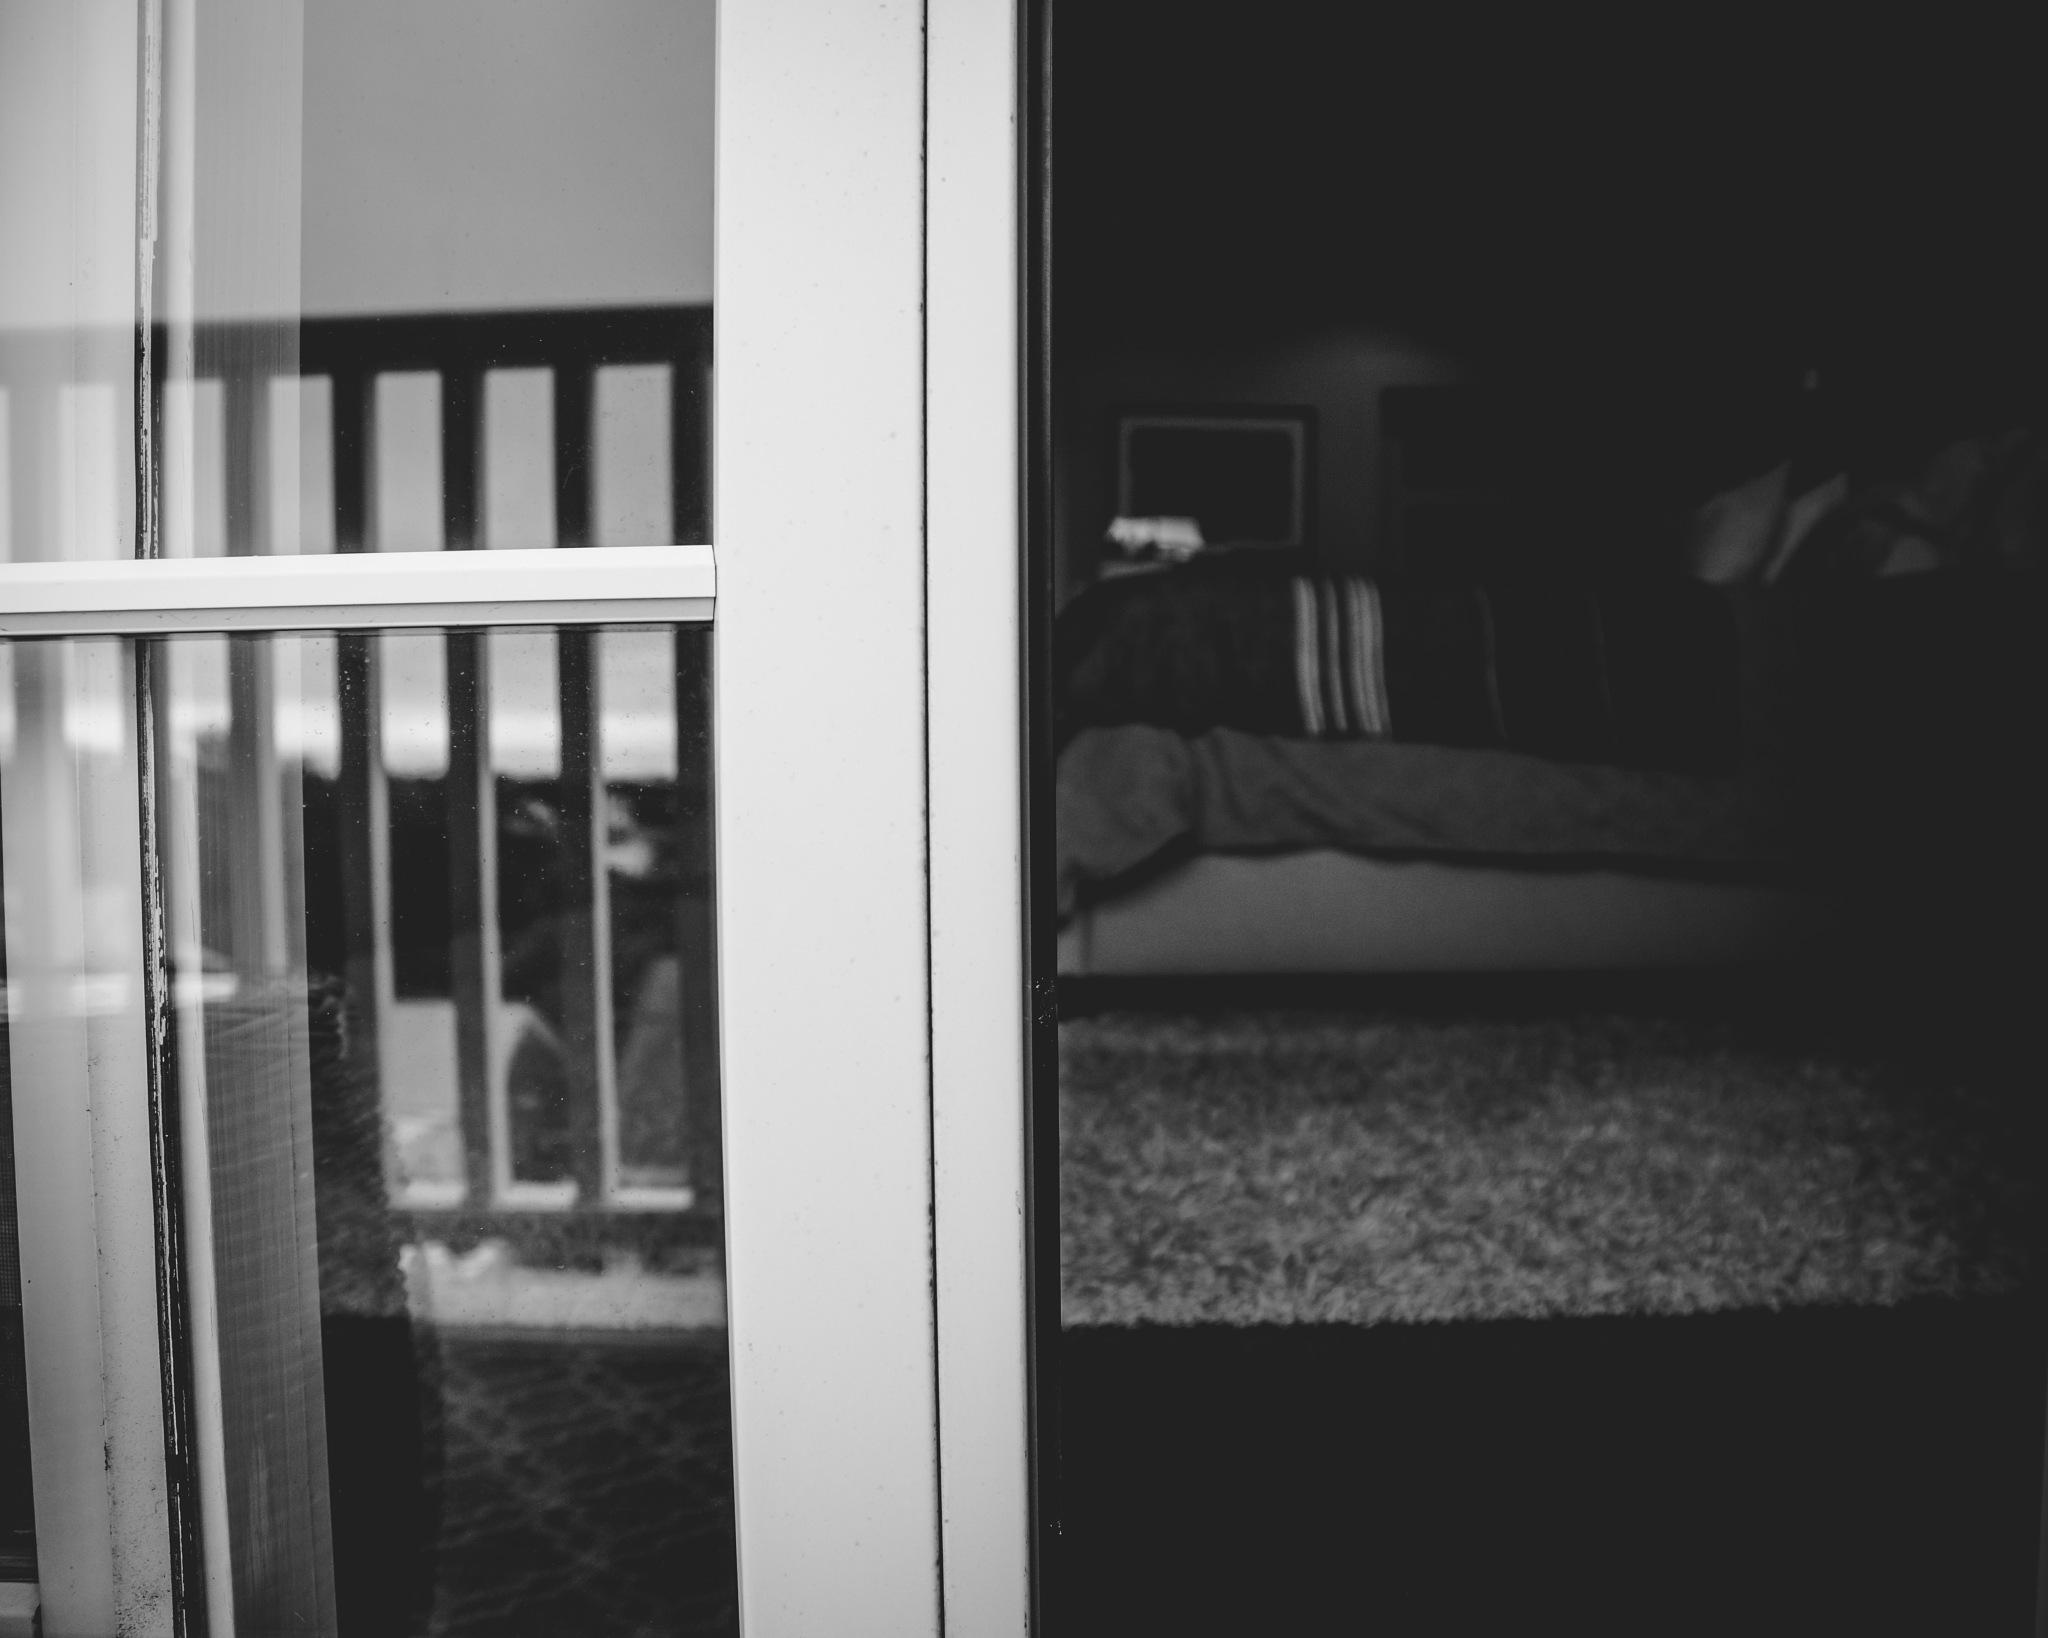 #256/365 Outside Looking In by Debra Lincoln- MacPherson